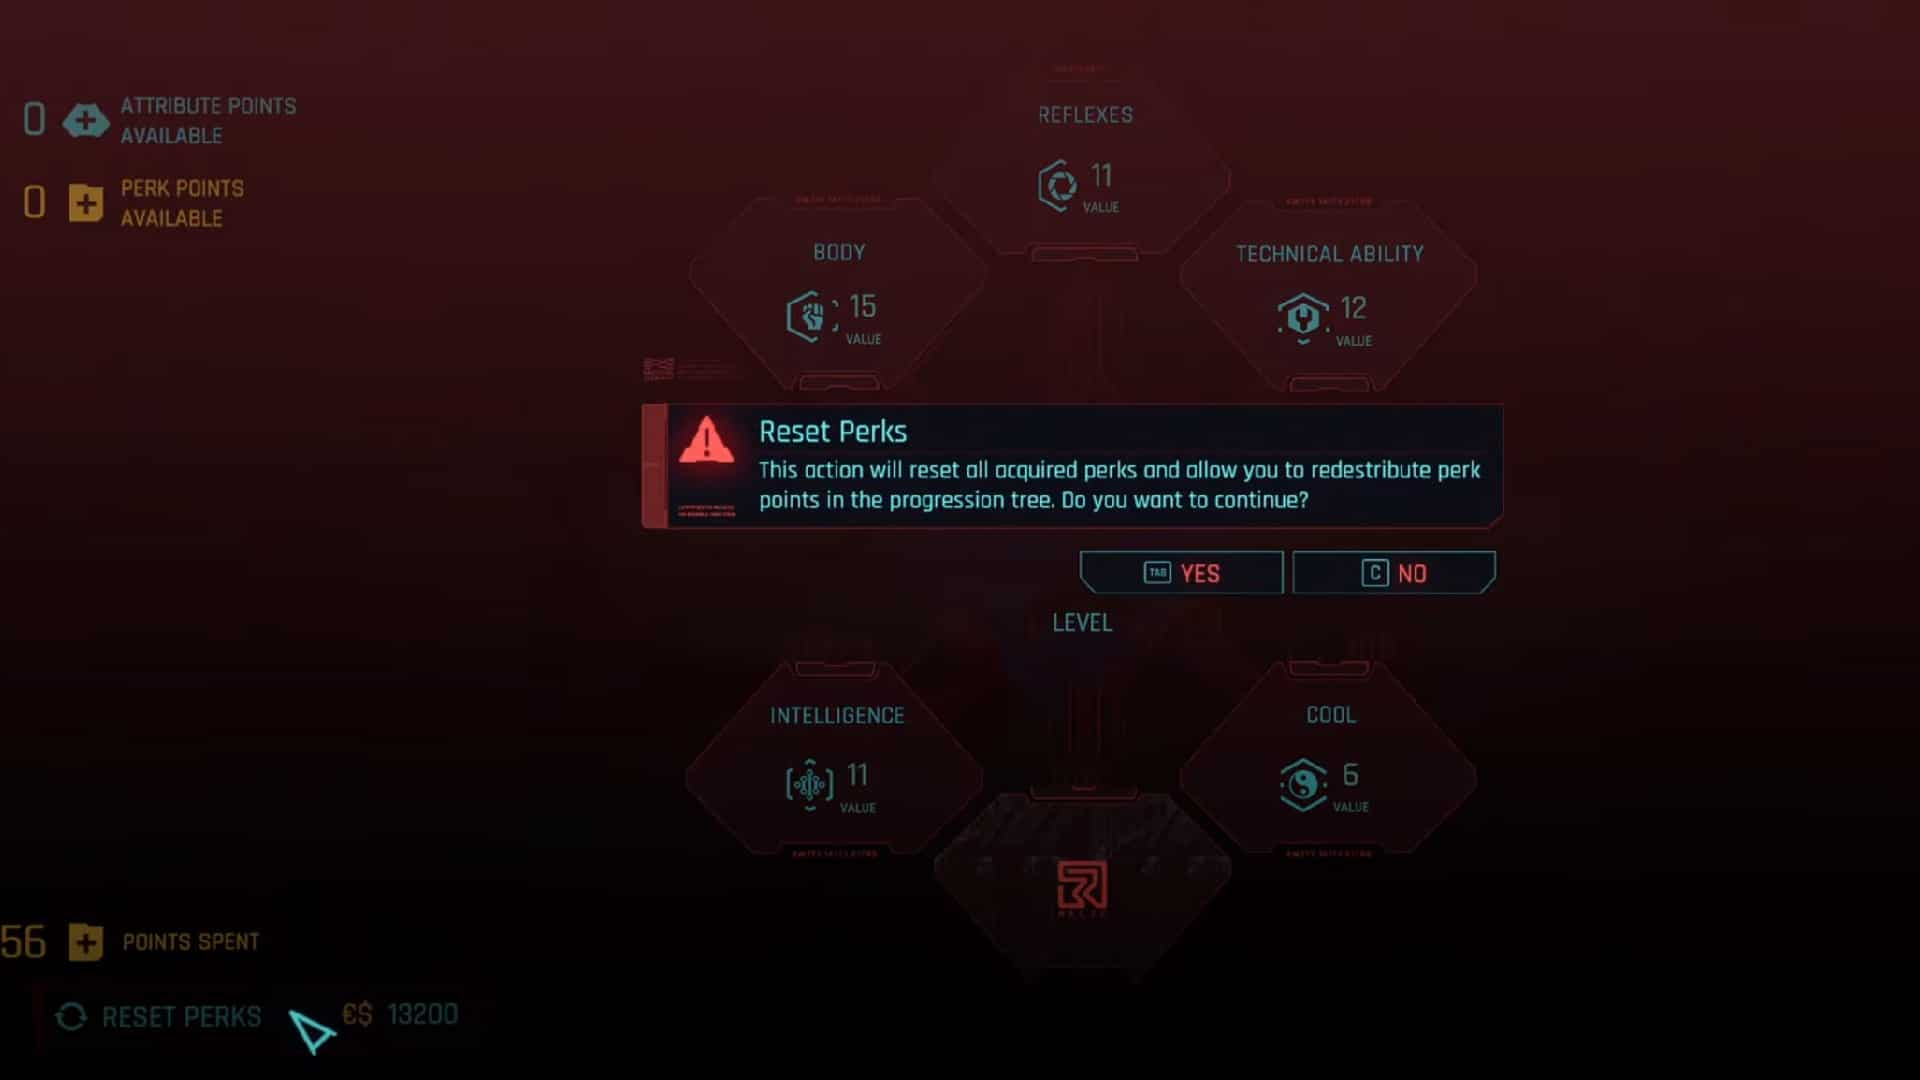 W nowej aktualizacji Cyberpunk 2077 będzie można zresetować Perki jednym kliknięciem - ale nie Atrybuty.